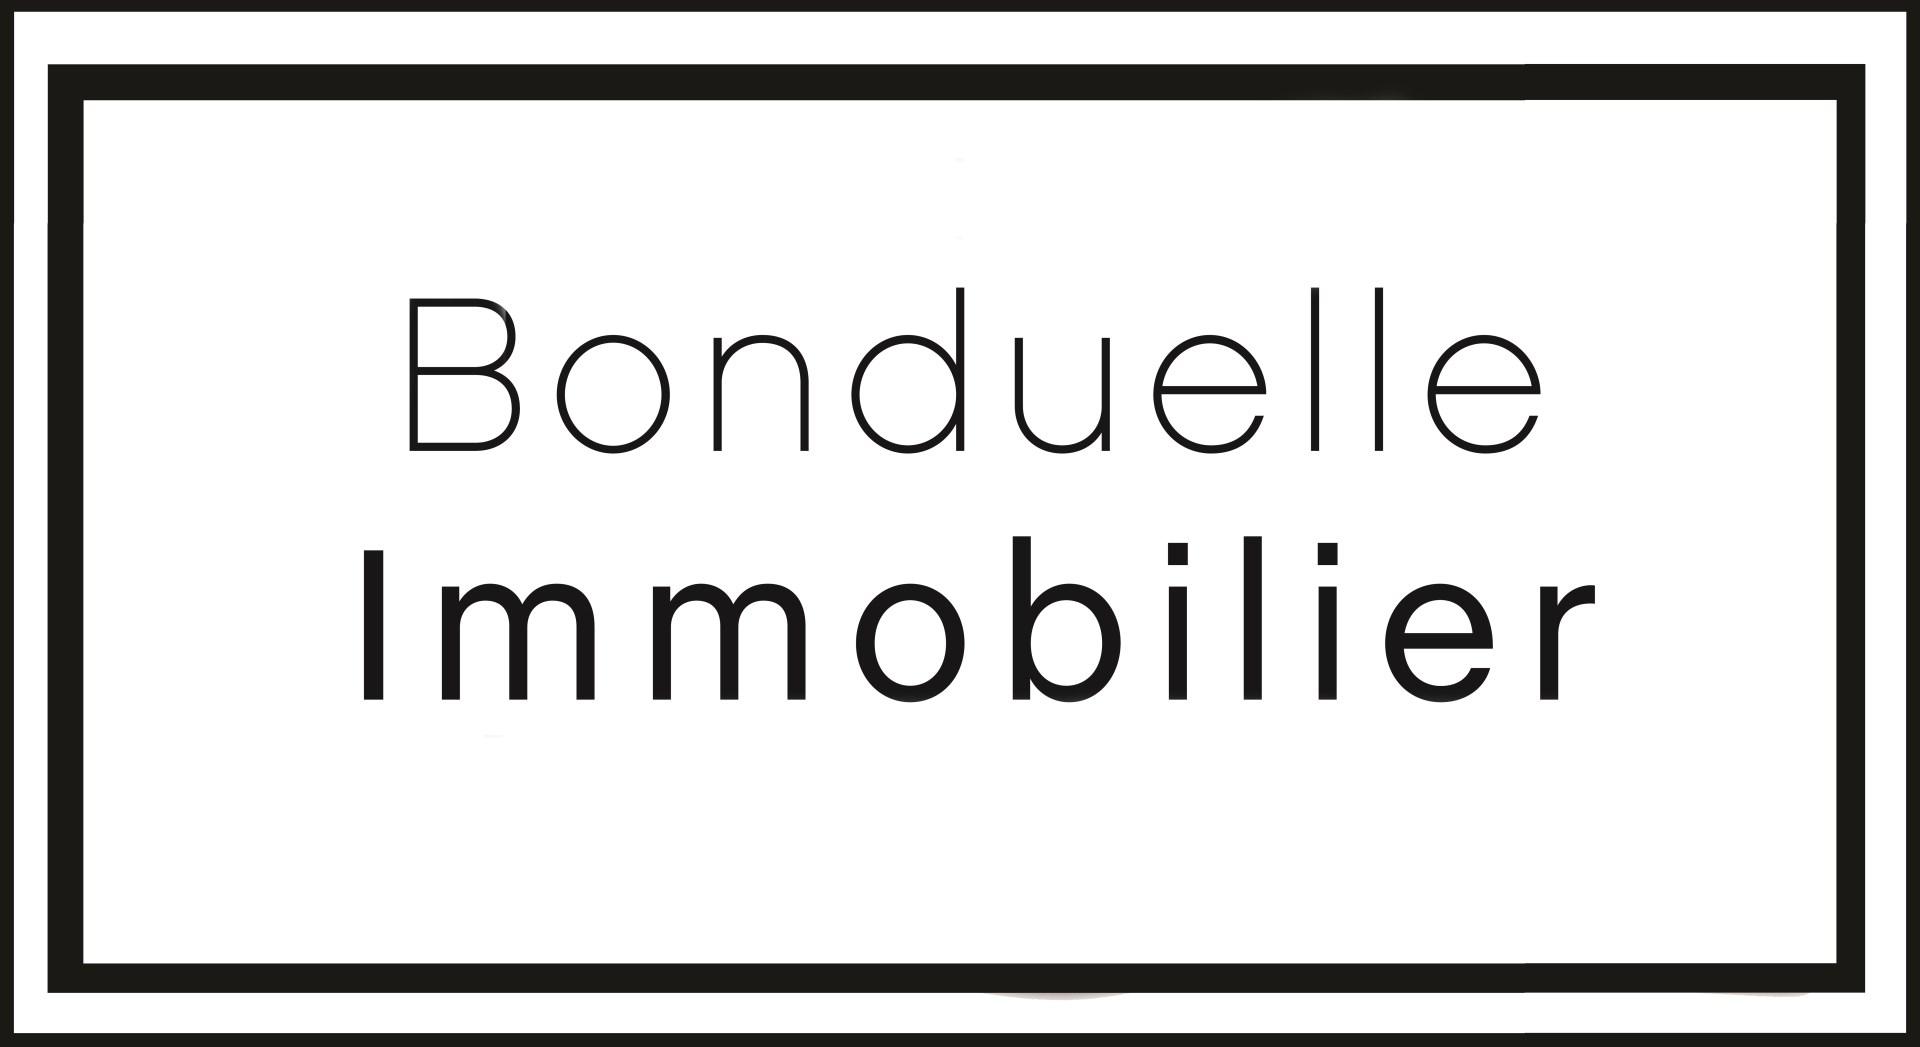 ARMAND BONDUELLE IMMOBILIER